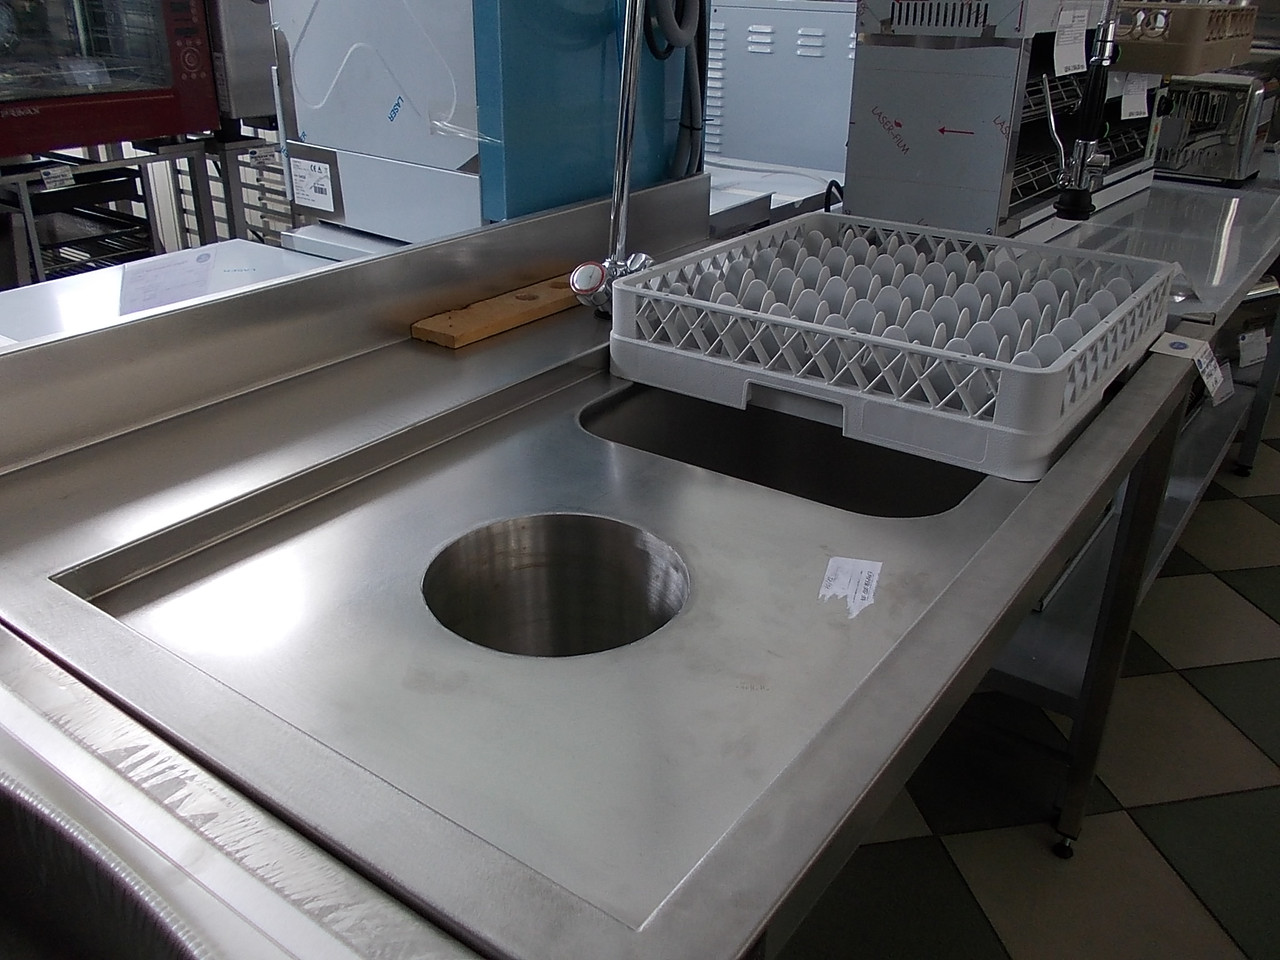 Стол производственный с ванной и отверстием для отходов для посудомоечной машины